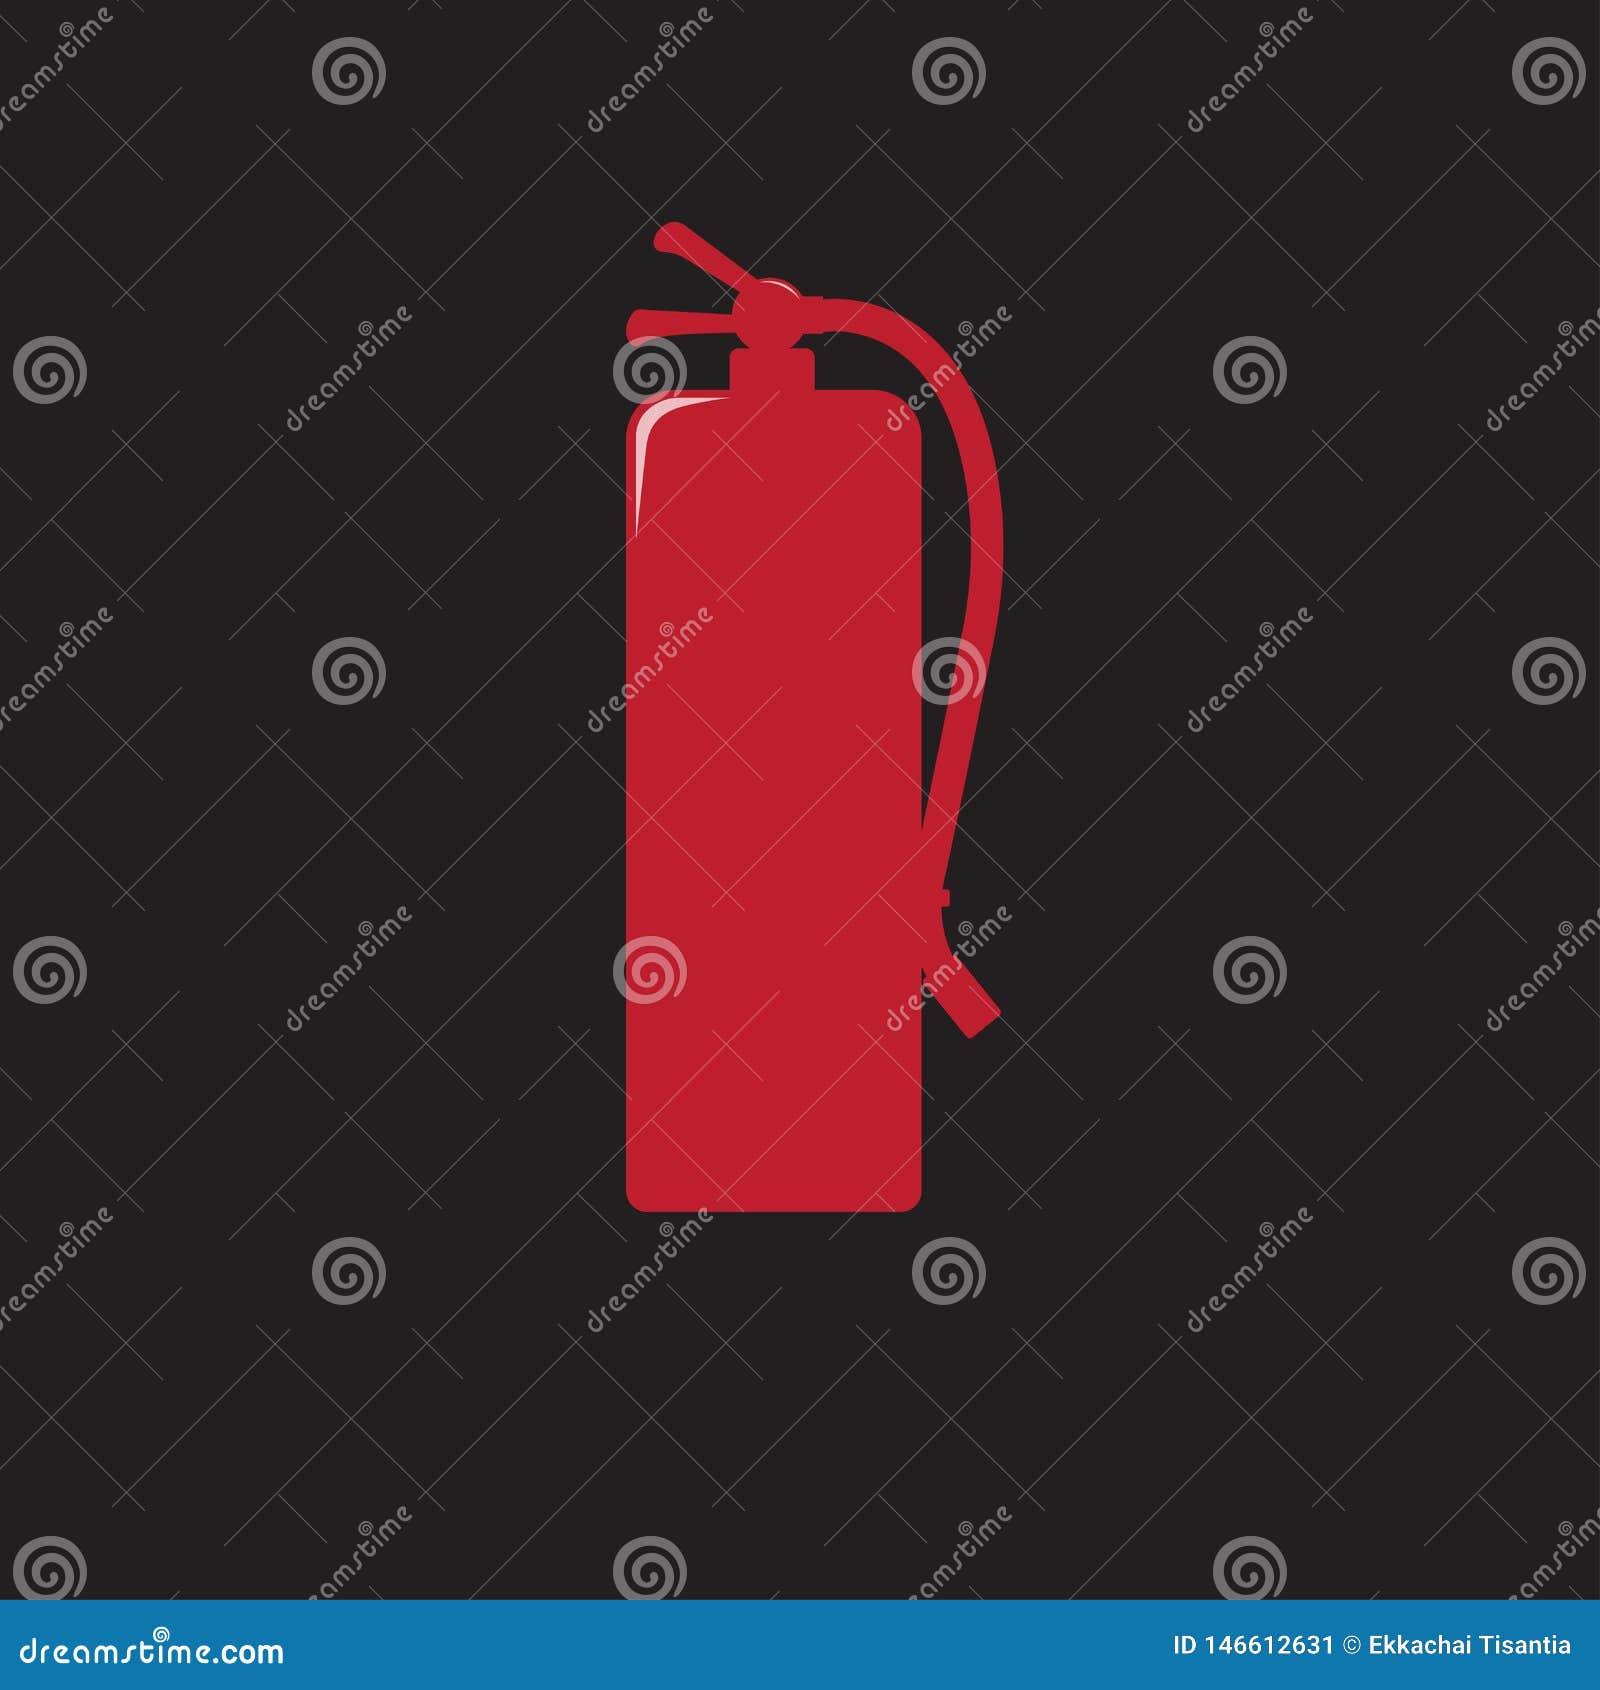 Feuerlöscher unterzeichnet rote Ikonenvektorillustration